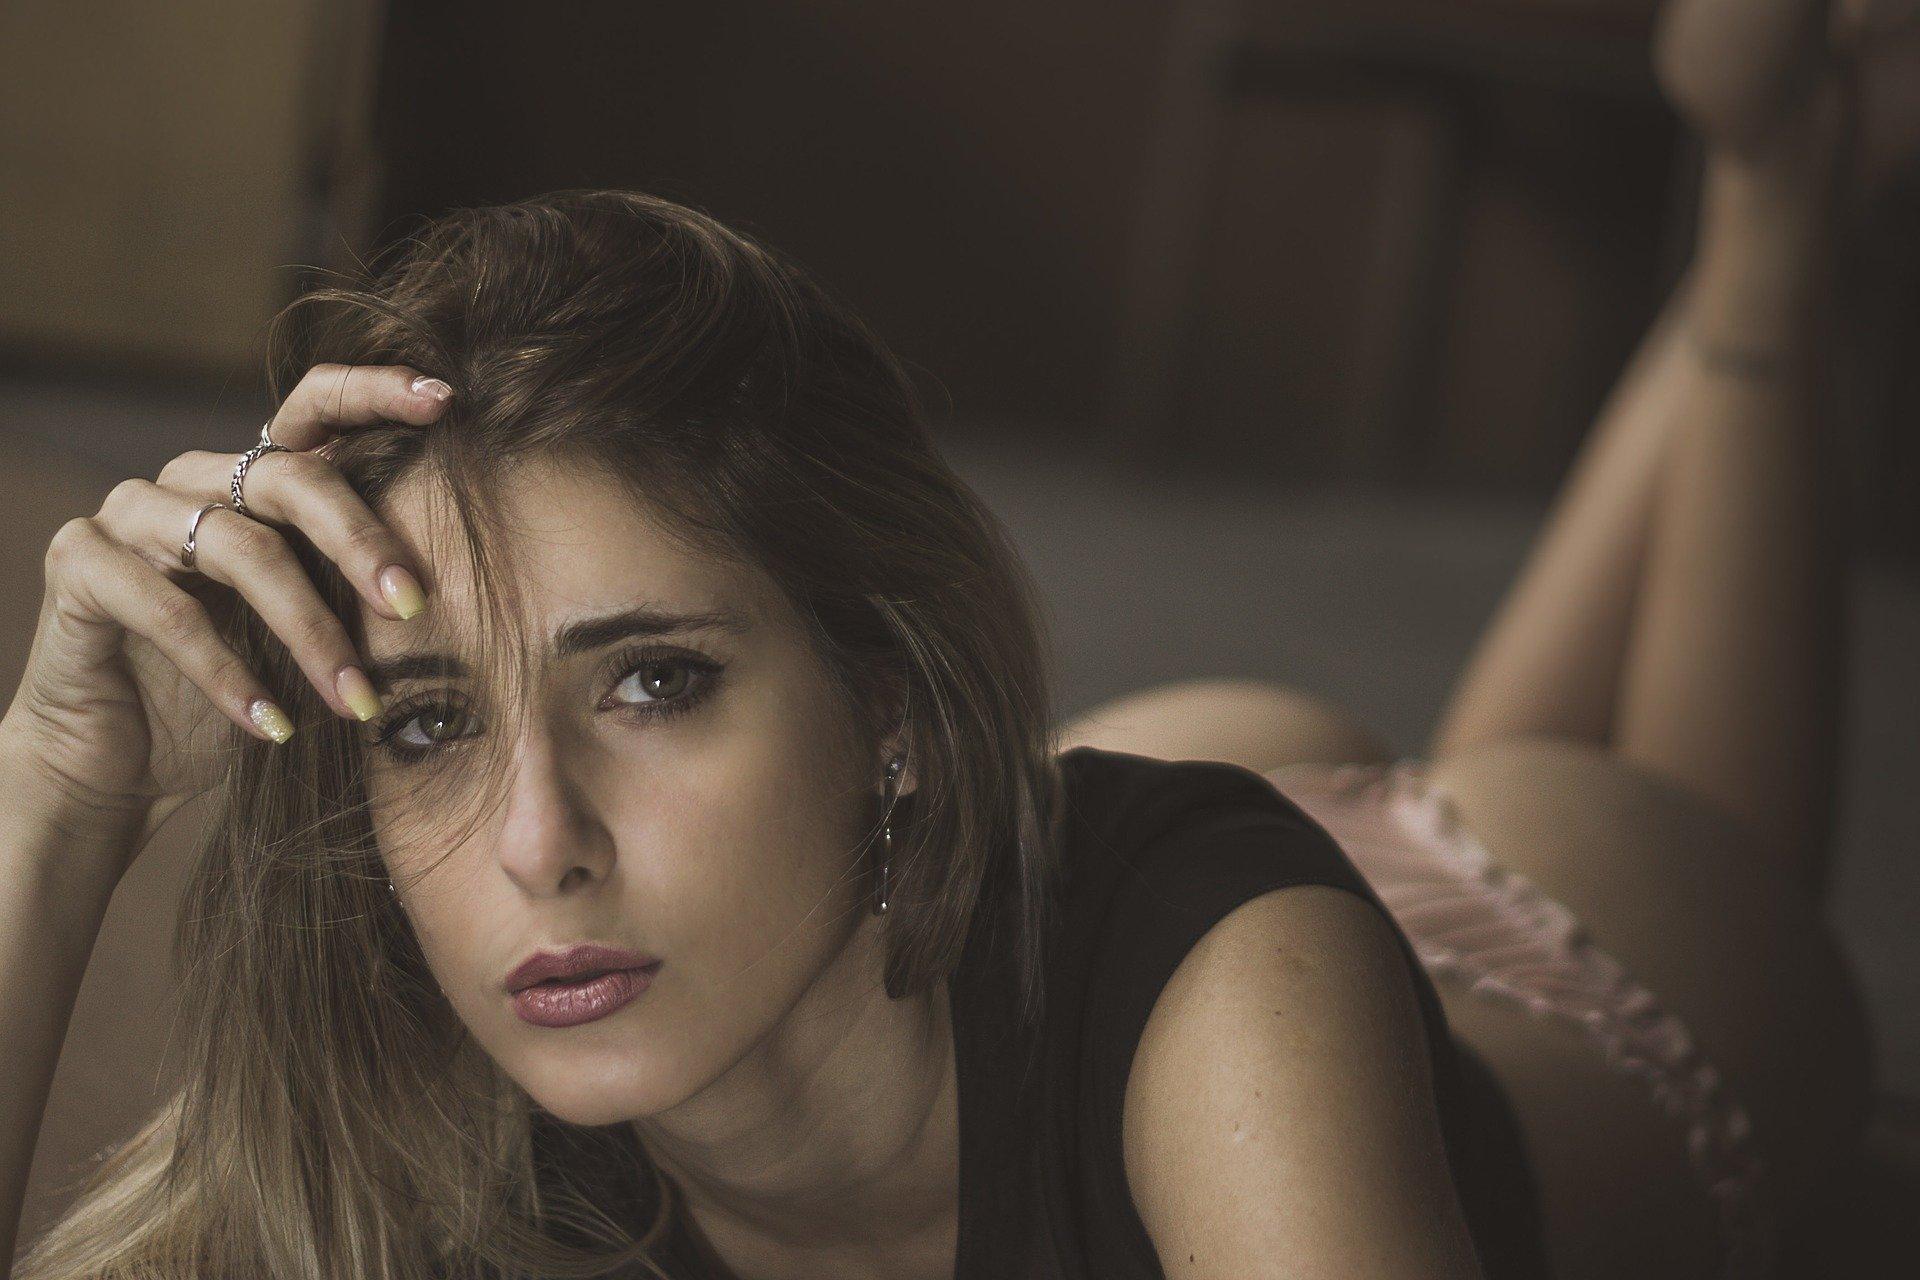 不倫の修羅場まとめ!既婚女性と既婚男性が迎える不倫の修羅場の違いと対策